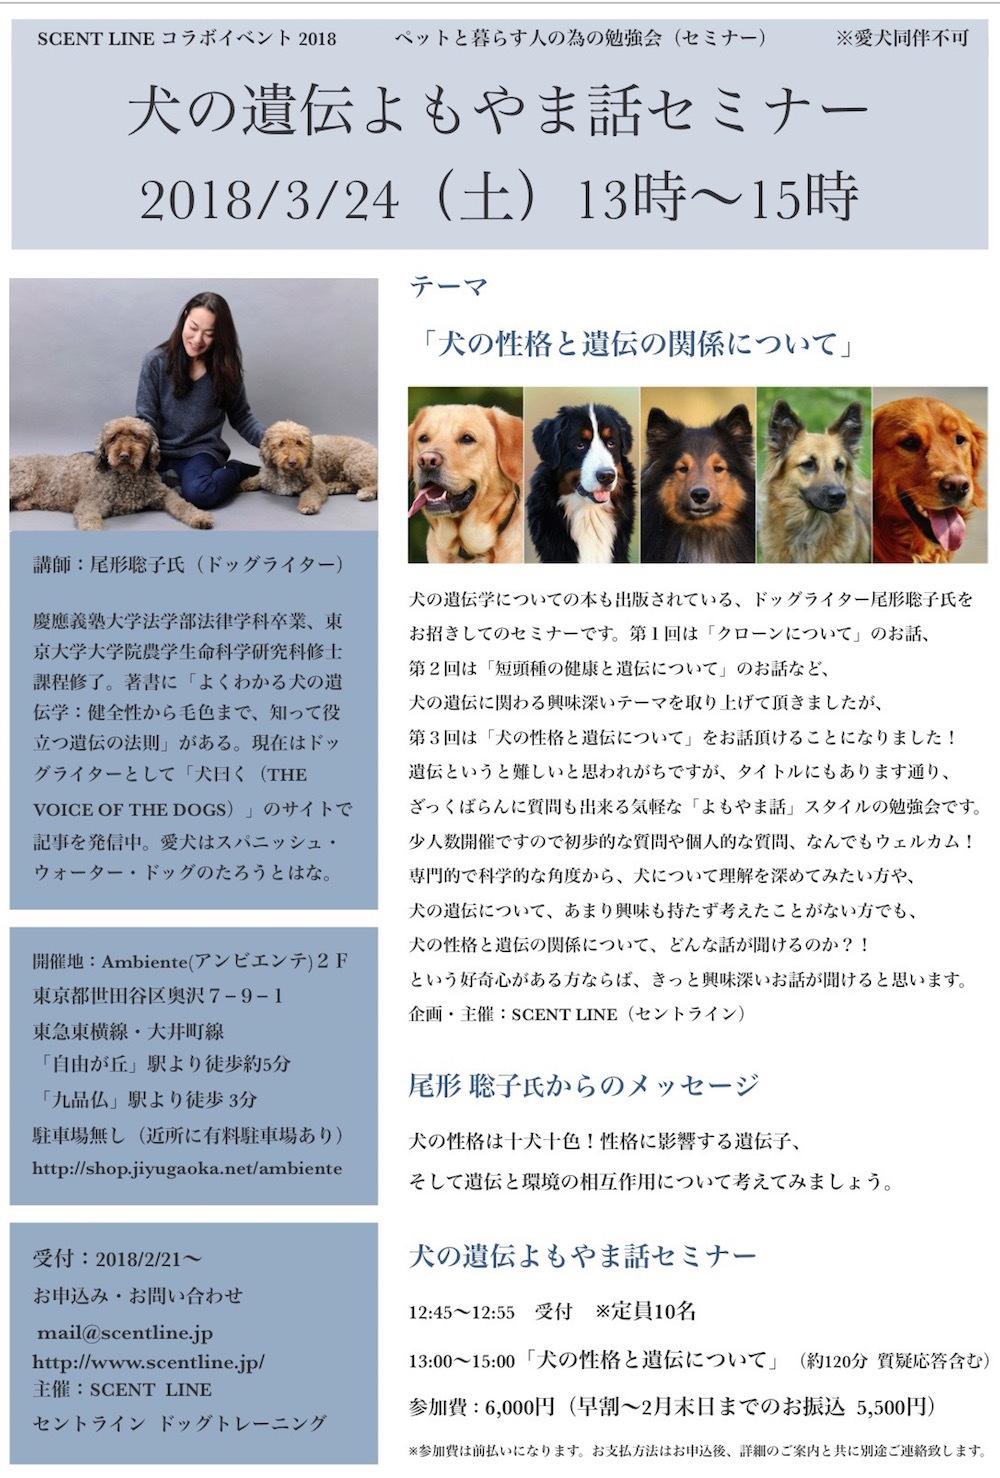 「犬の遺伝よもやま話」セミナーのお知らせ_c0099133_00304793.jpg